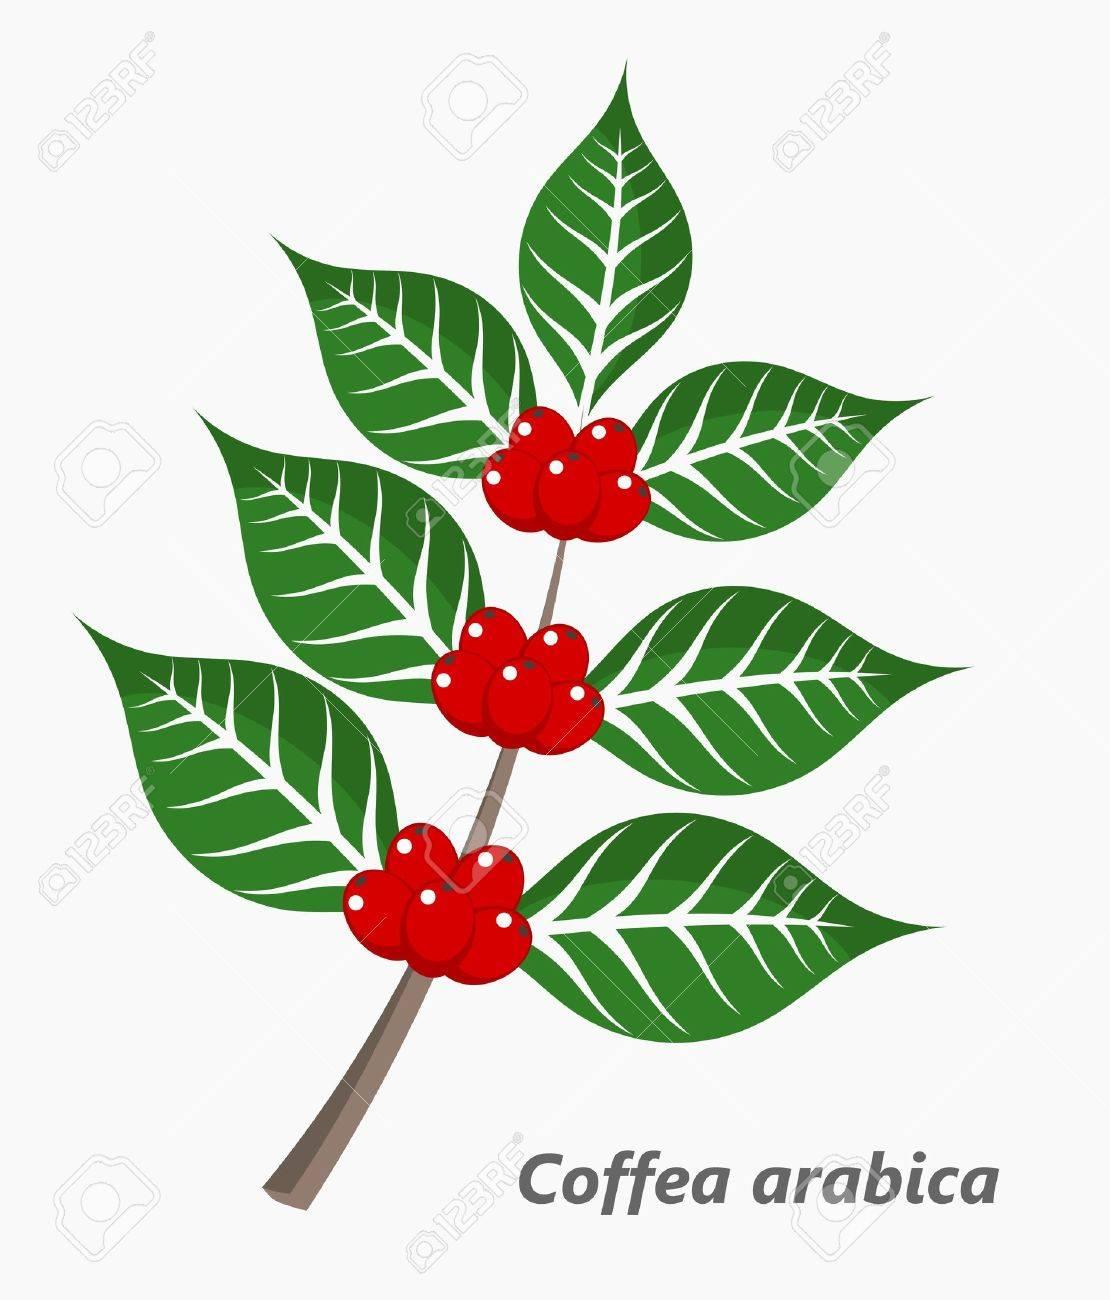 planta de café ilustración vectorial ilustraciones vectoriales